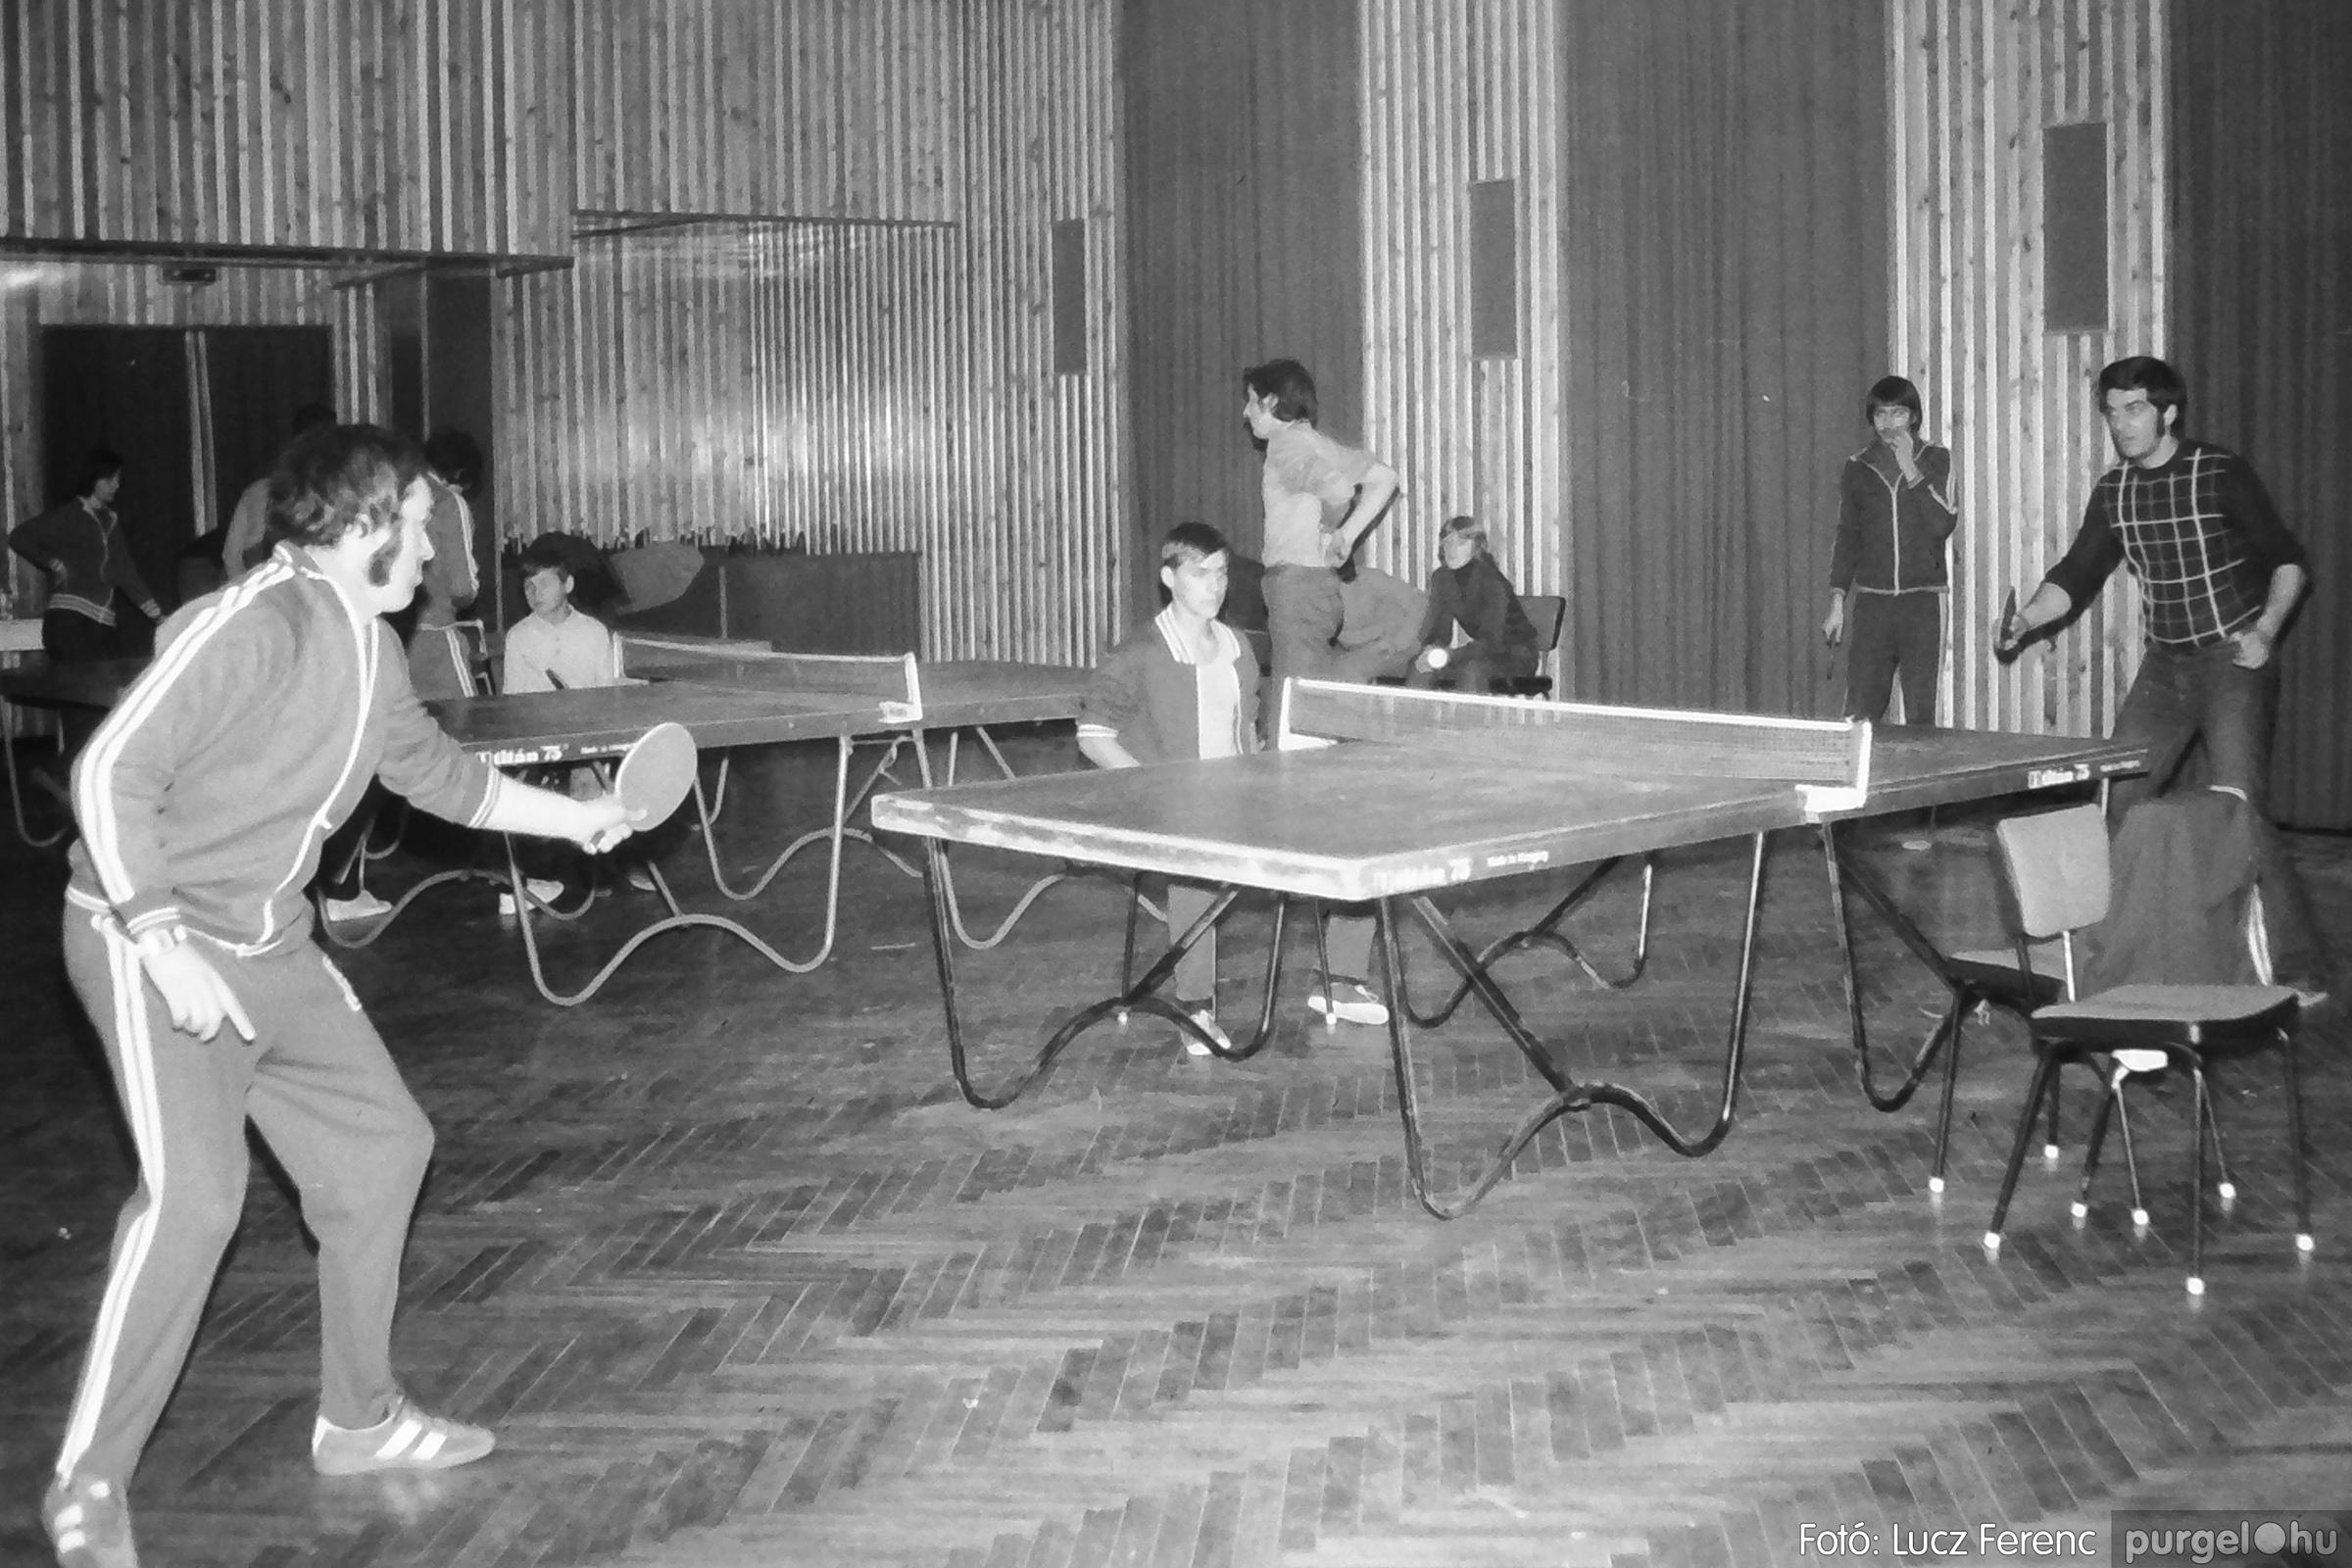 100. 1978. Asztaltenisz verseny 008. - Fotó: Lucz Ferenc.jpg